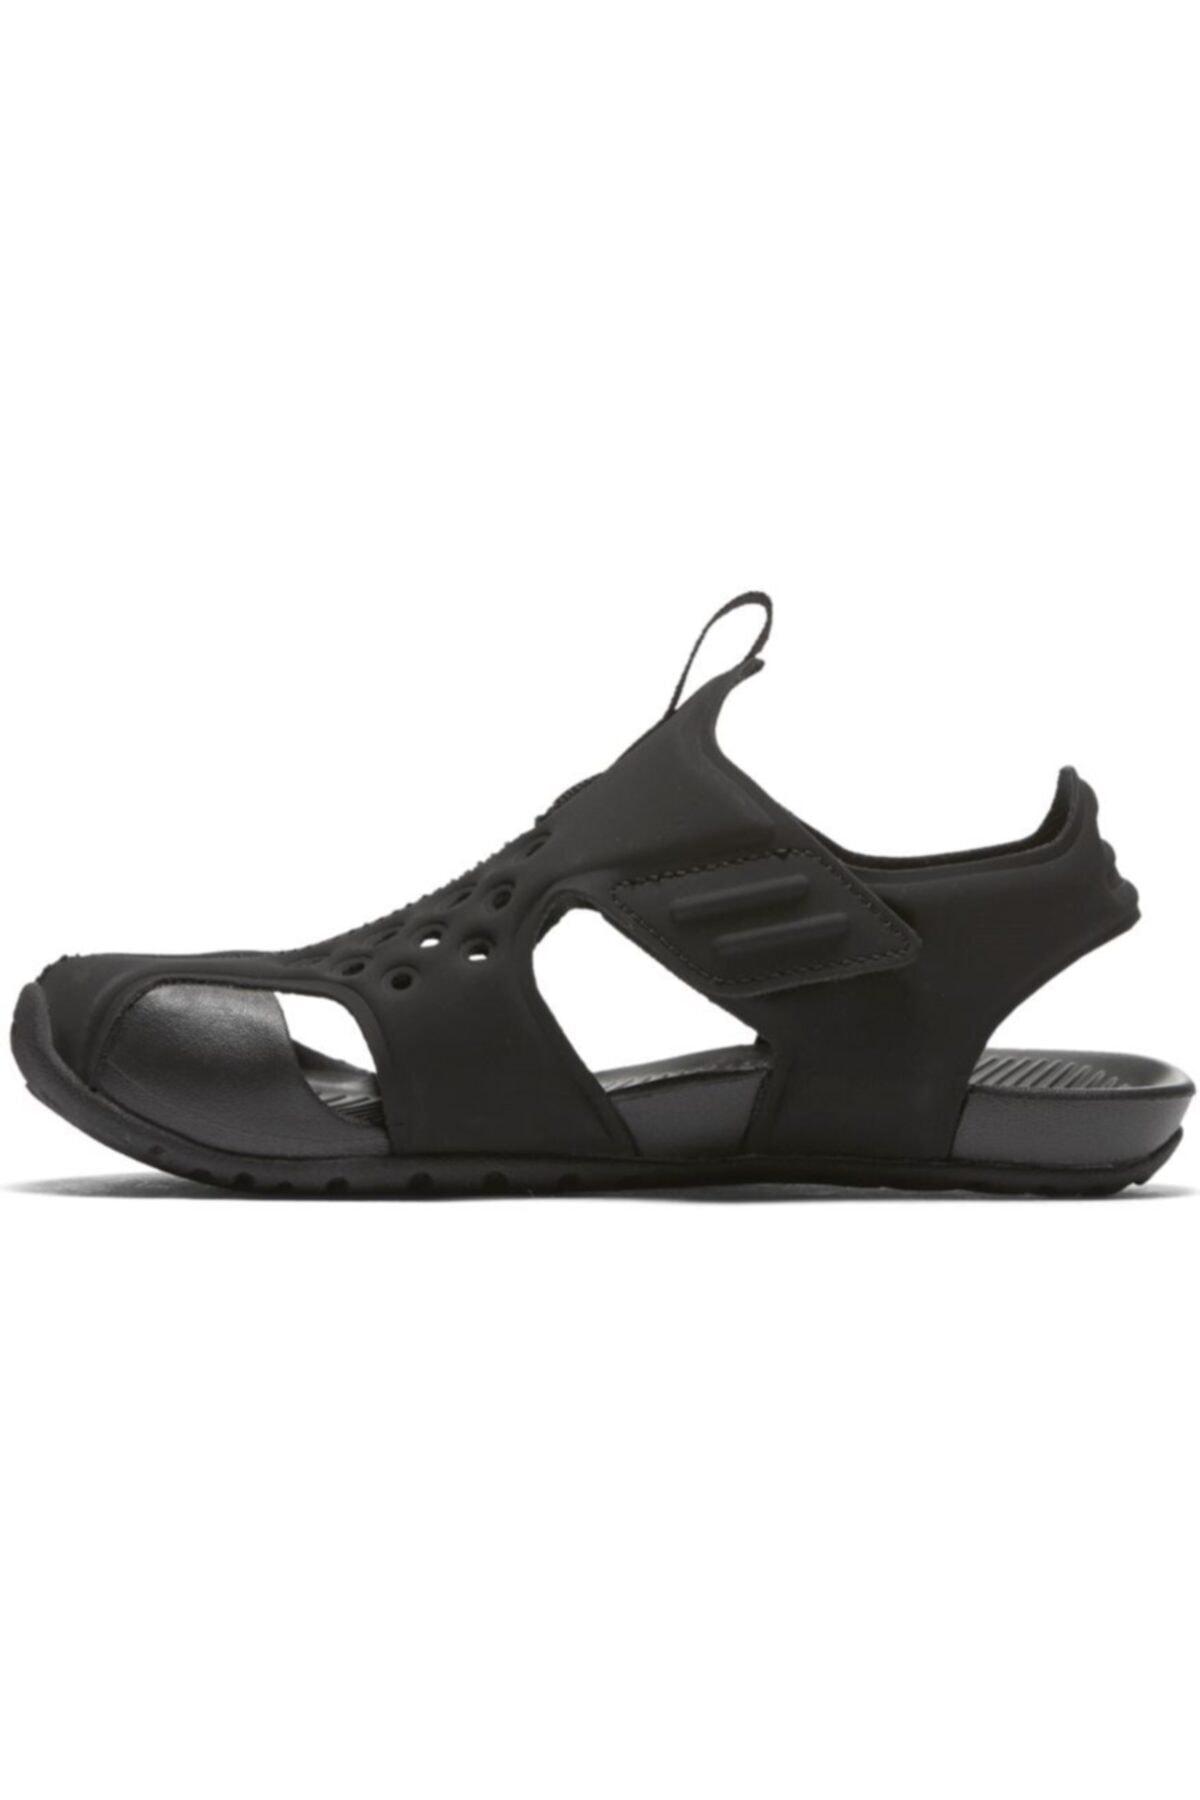 Nike Kids Çocuk Siyah Sandalet 943826-001 2